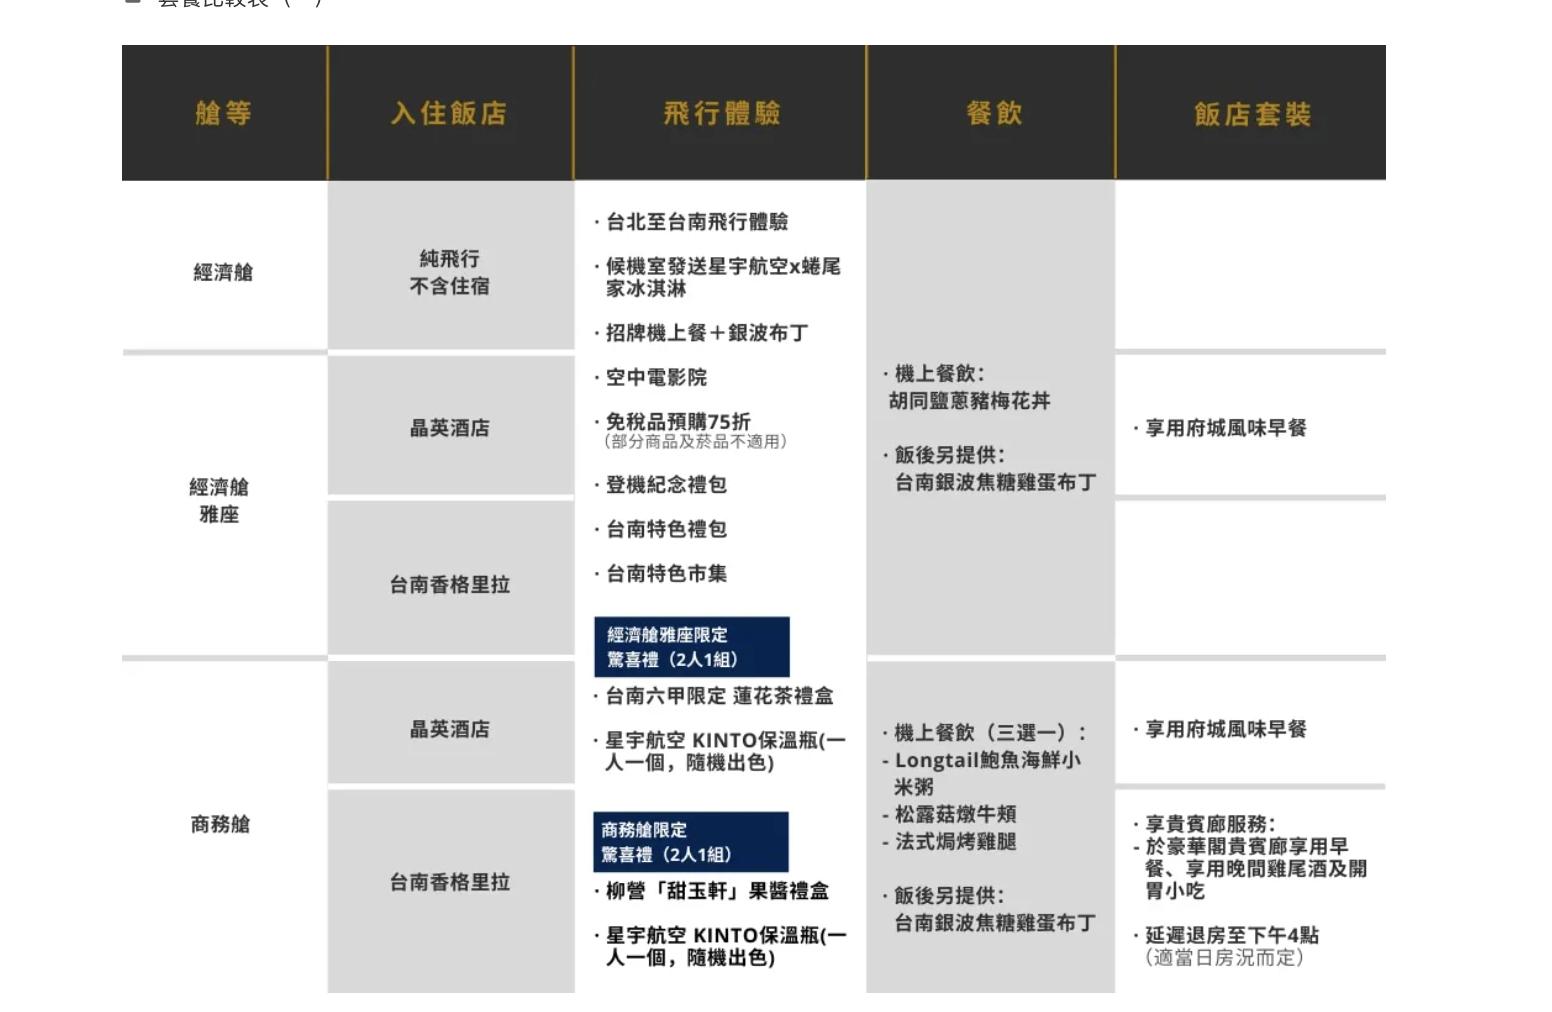 星宇台北台南雙城飛,12/7開賣「星宇航空雙城號」微旅行 2.0 |國內飛行假期體驗